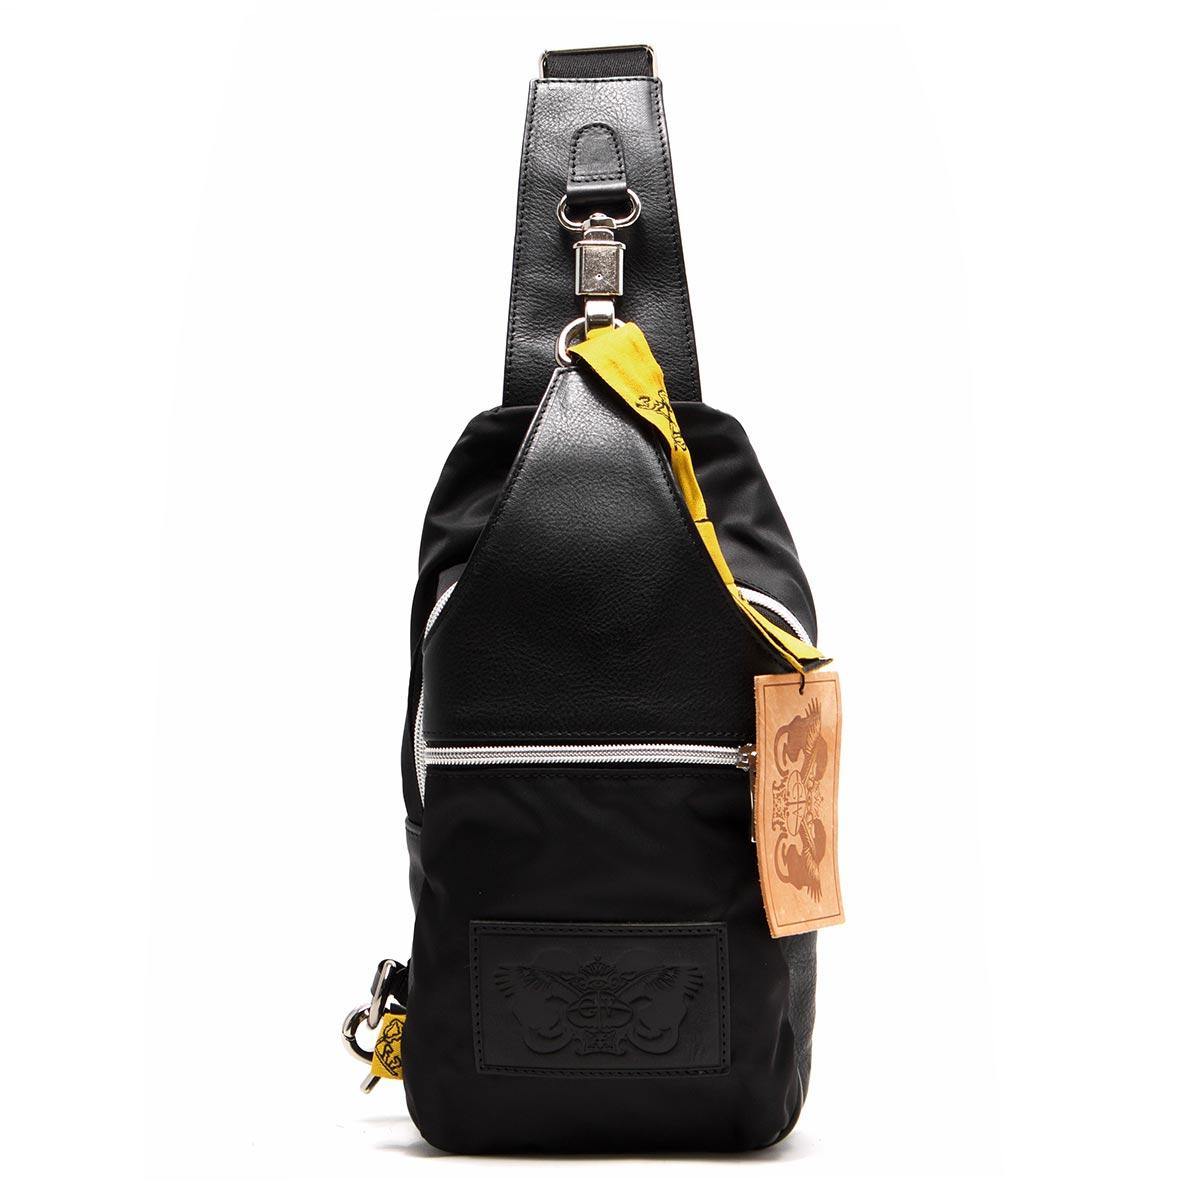 ジャコモヴァレンティーニ (ジャコモ・ヴァレンティーニ) ボディバッグ バッグ メンズ スケッチ SKETCH ブラック SKETCH01 9999 GIACOMO VALENTINI